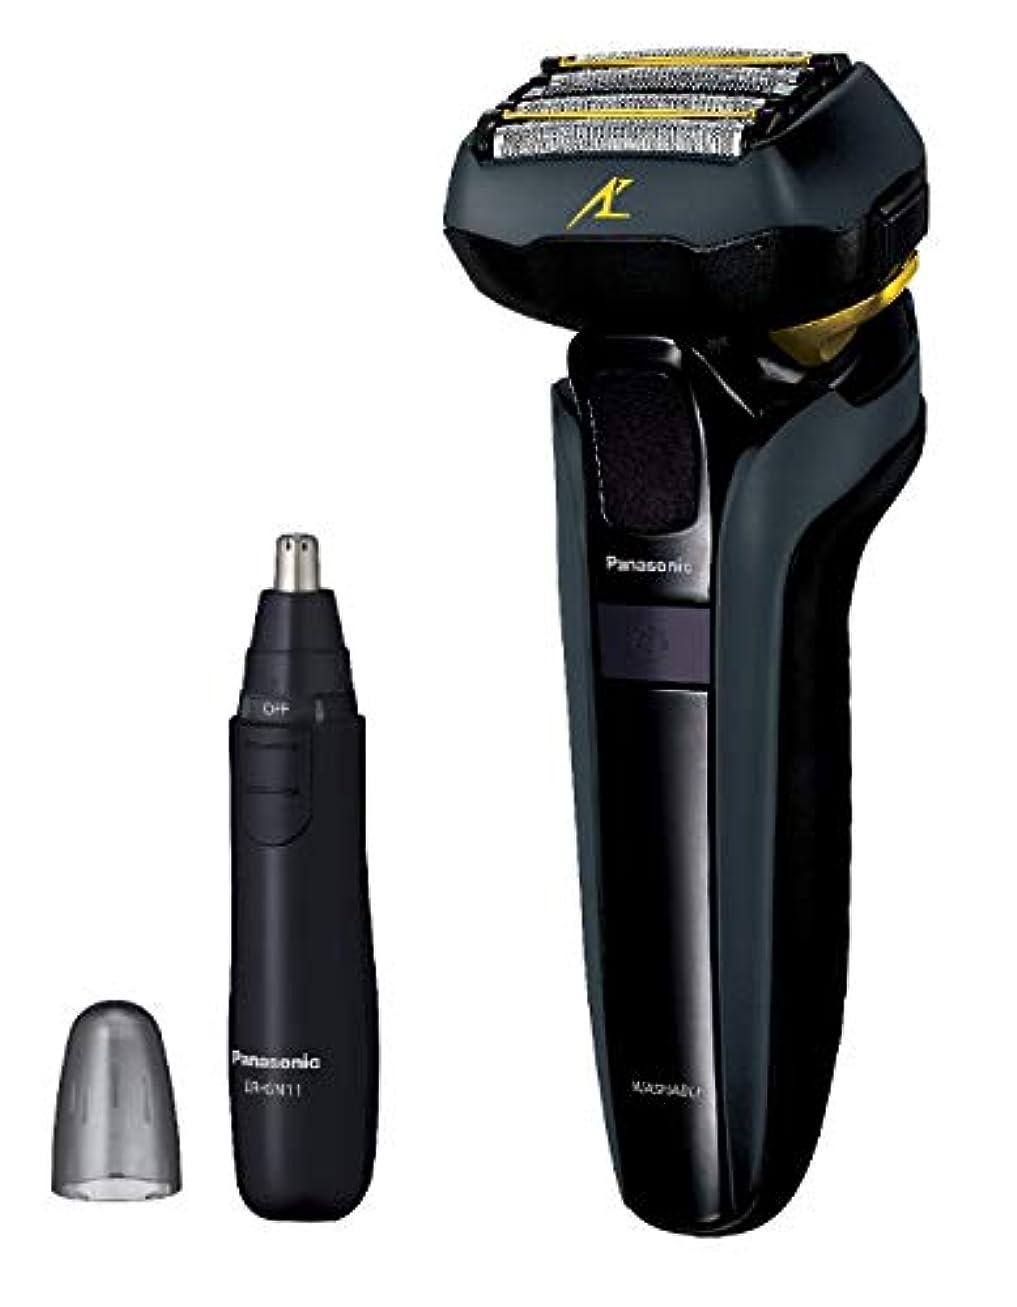 間違えた前者のりパナソニック ラムダッシュ メンズシェーバー 5枚刃 黒 ES-LV5D-K + エチケットカッターER-GN11-K セット